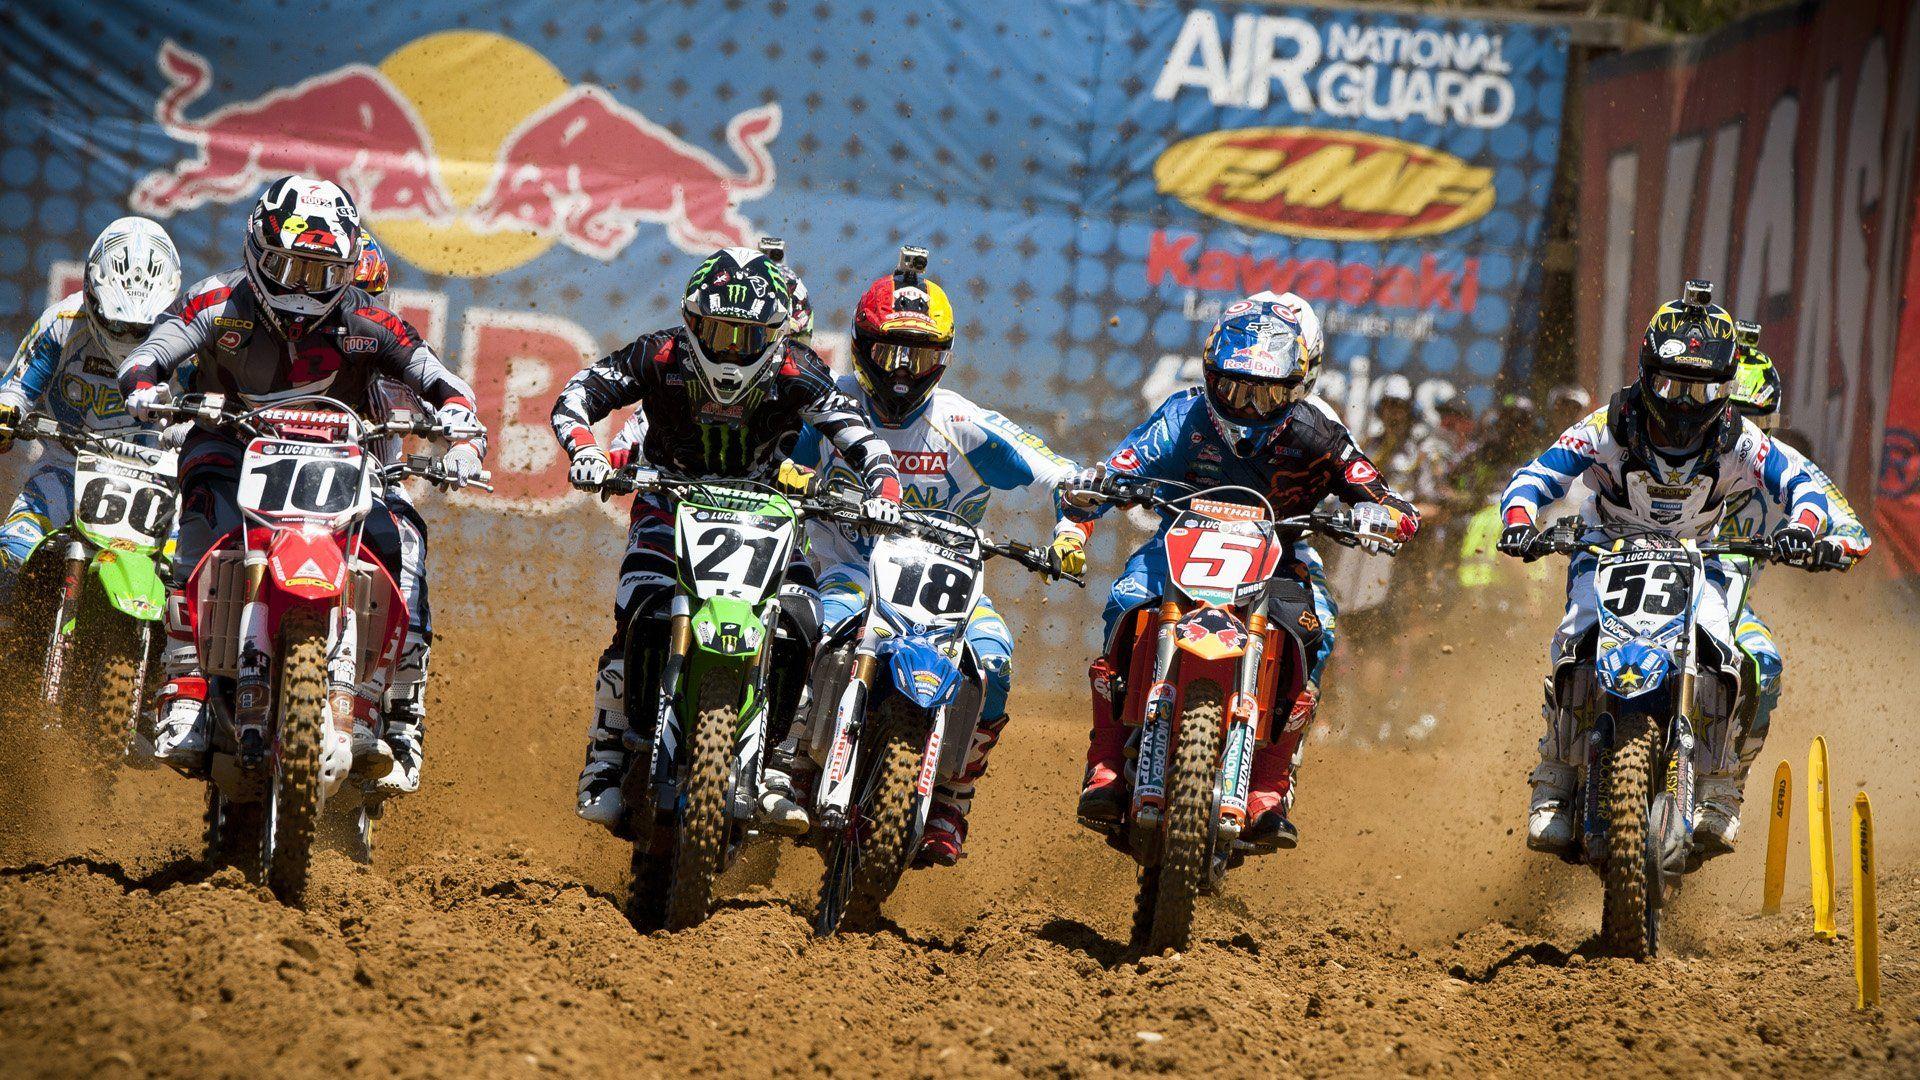 Budds Creek Wallpapers Motocross Racer Motocross Racer